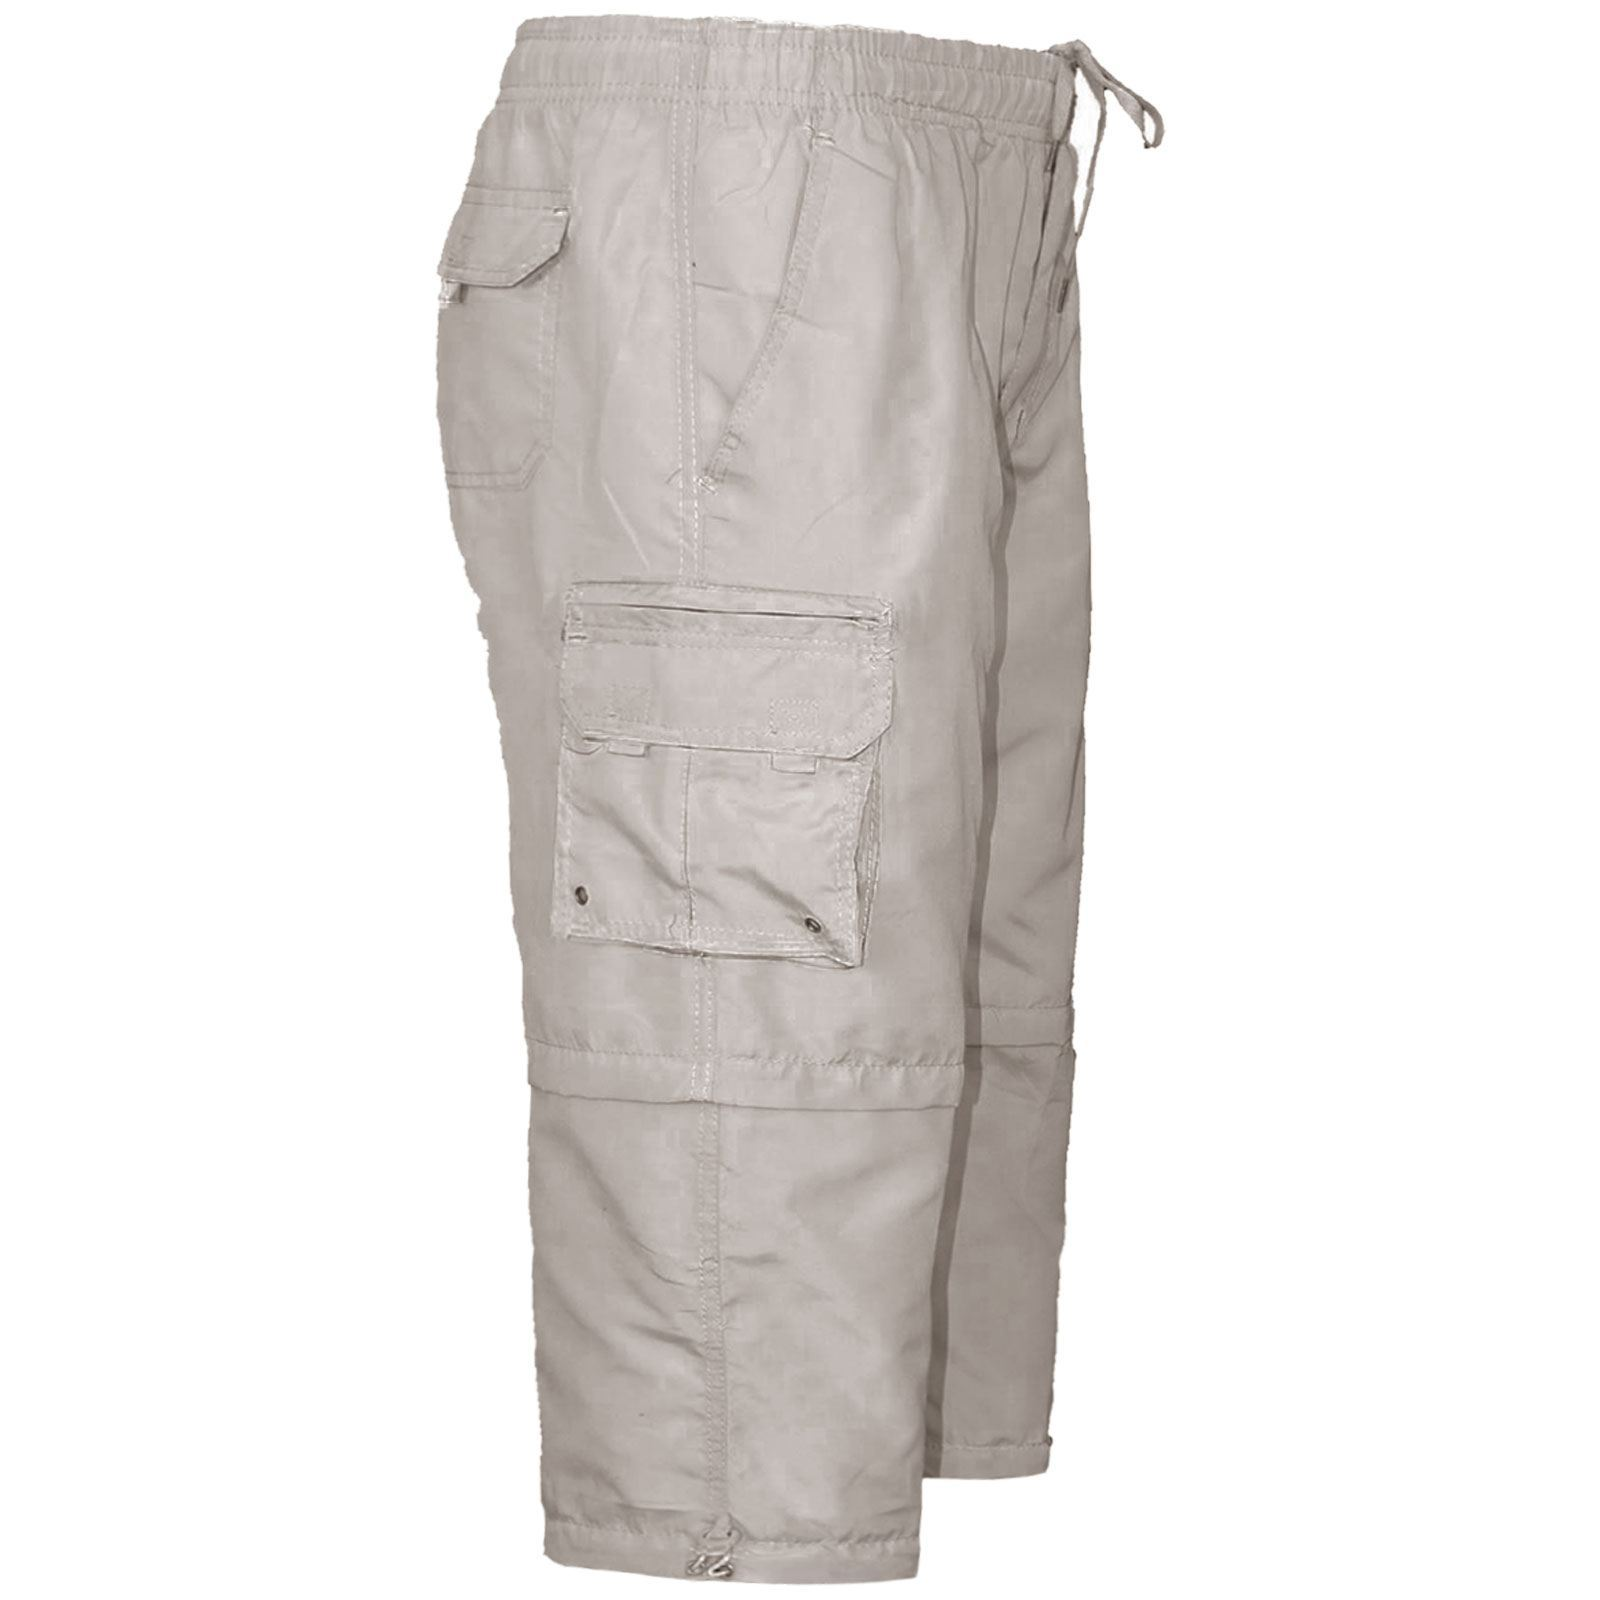 Para-Hombre-Pantalones-Cortos-Estilo-Cargo-Bermudas-Cremallera-Elastico-Pierna-Longitud-2-a-la miniatura 23